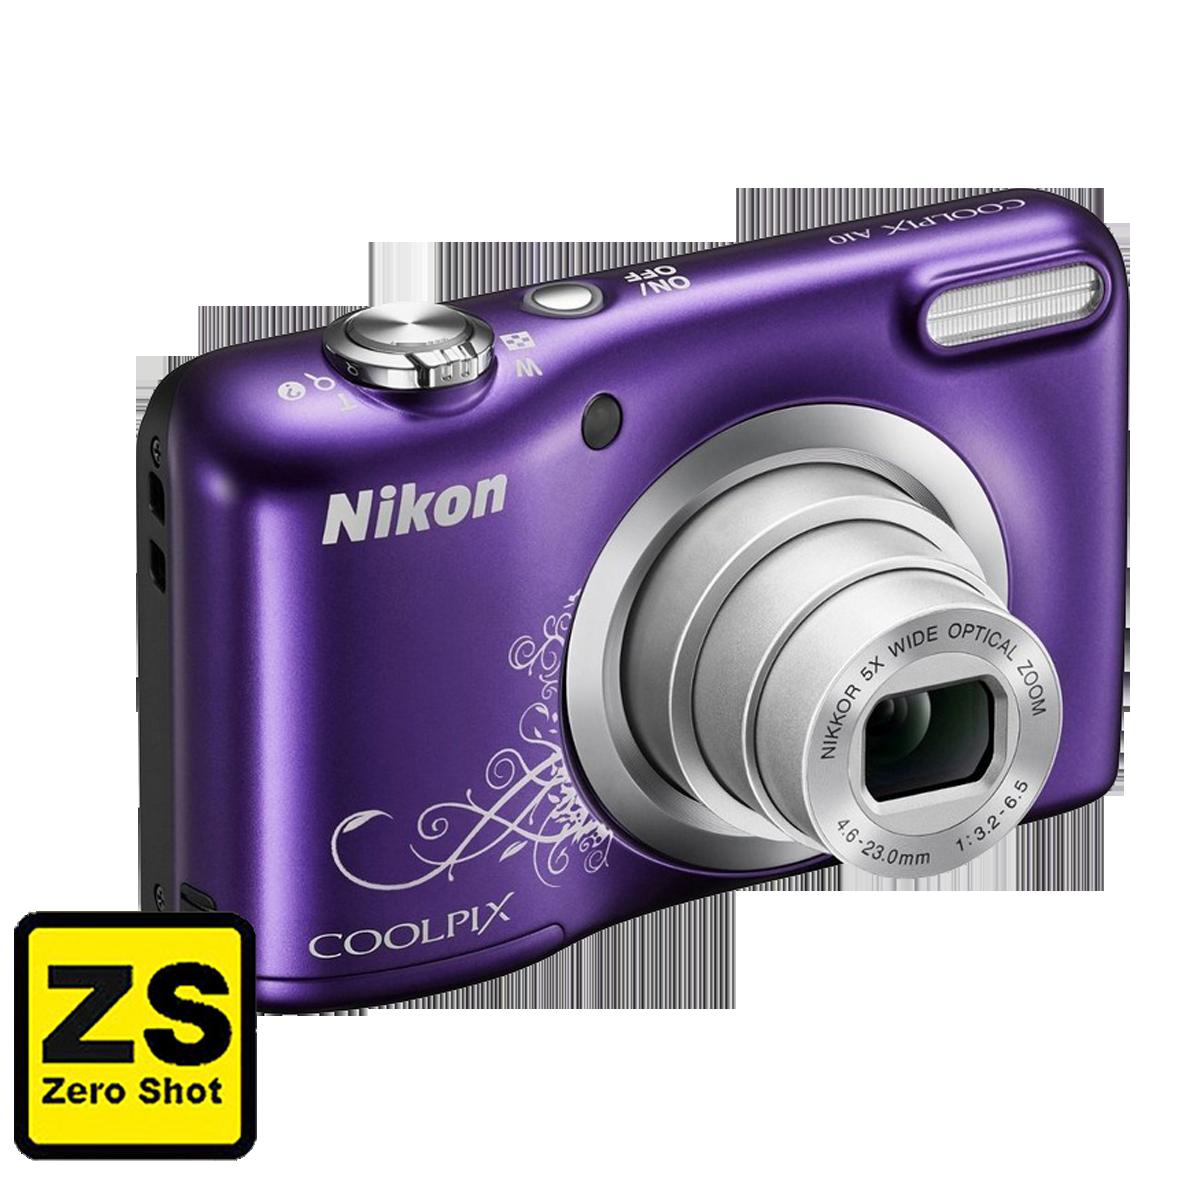 Câmera Nikon COOLPIX A10 Purple (Zero Shot)